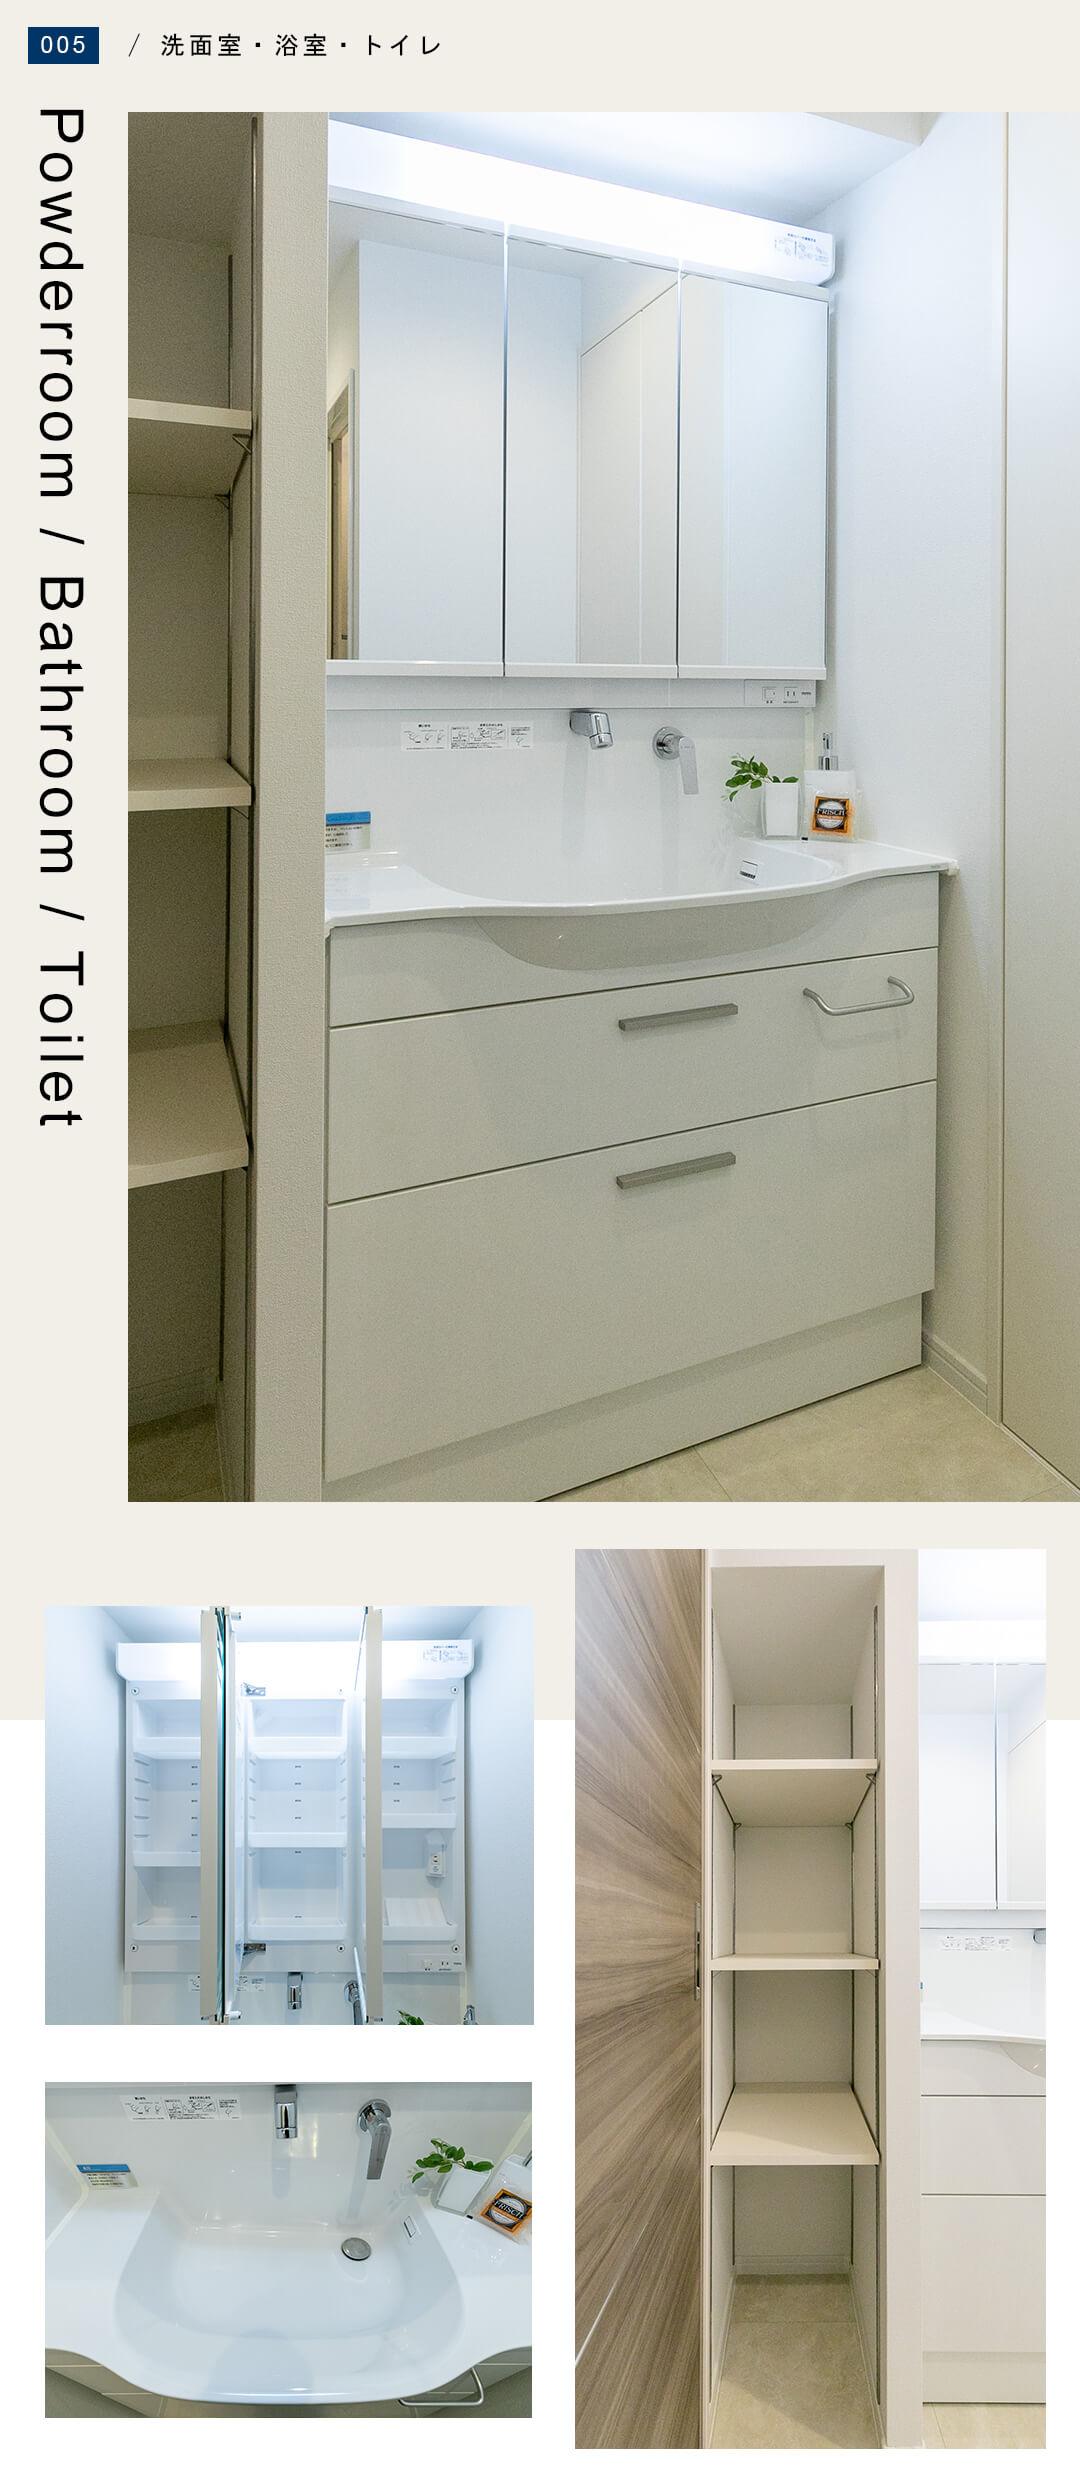 ペガサスマンション本郷 1202の洗面室